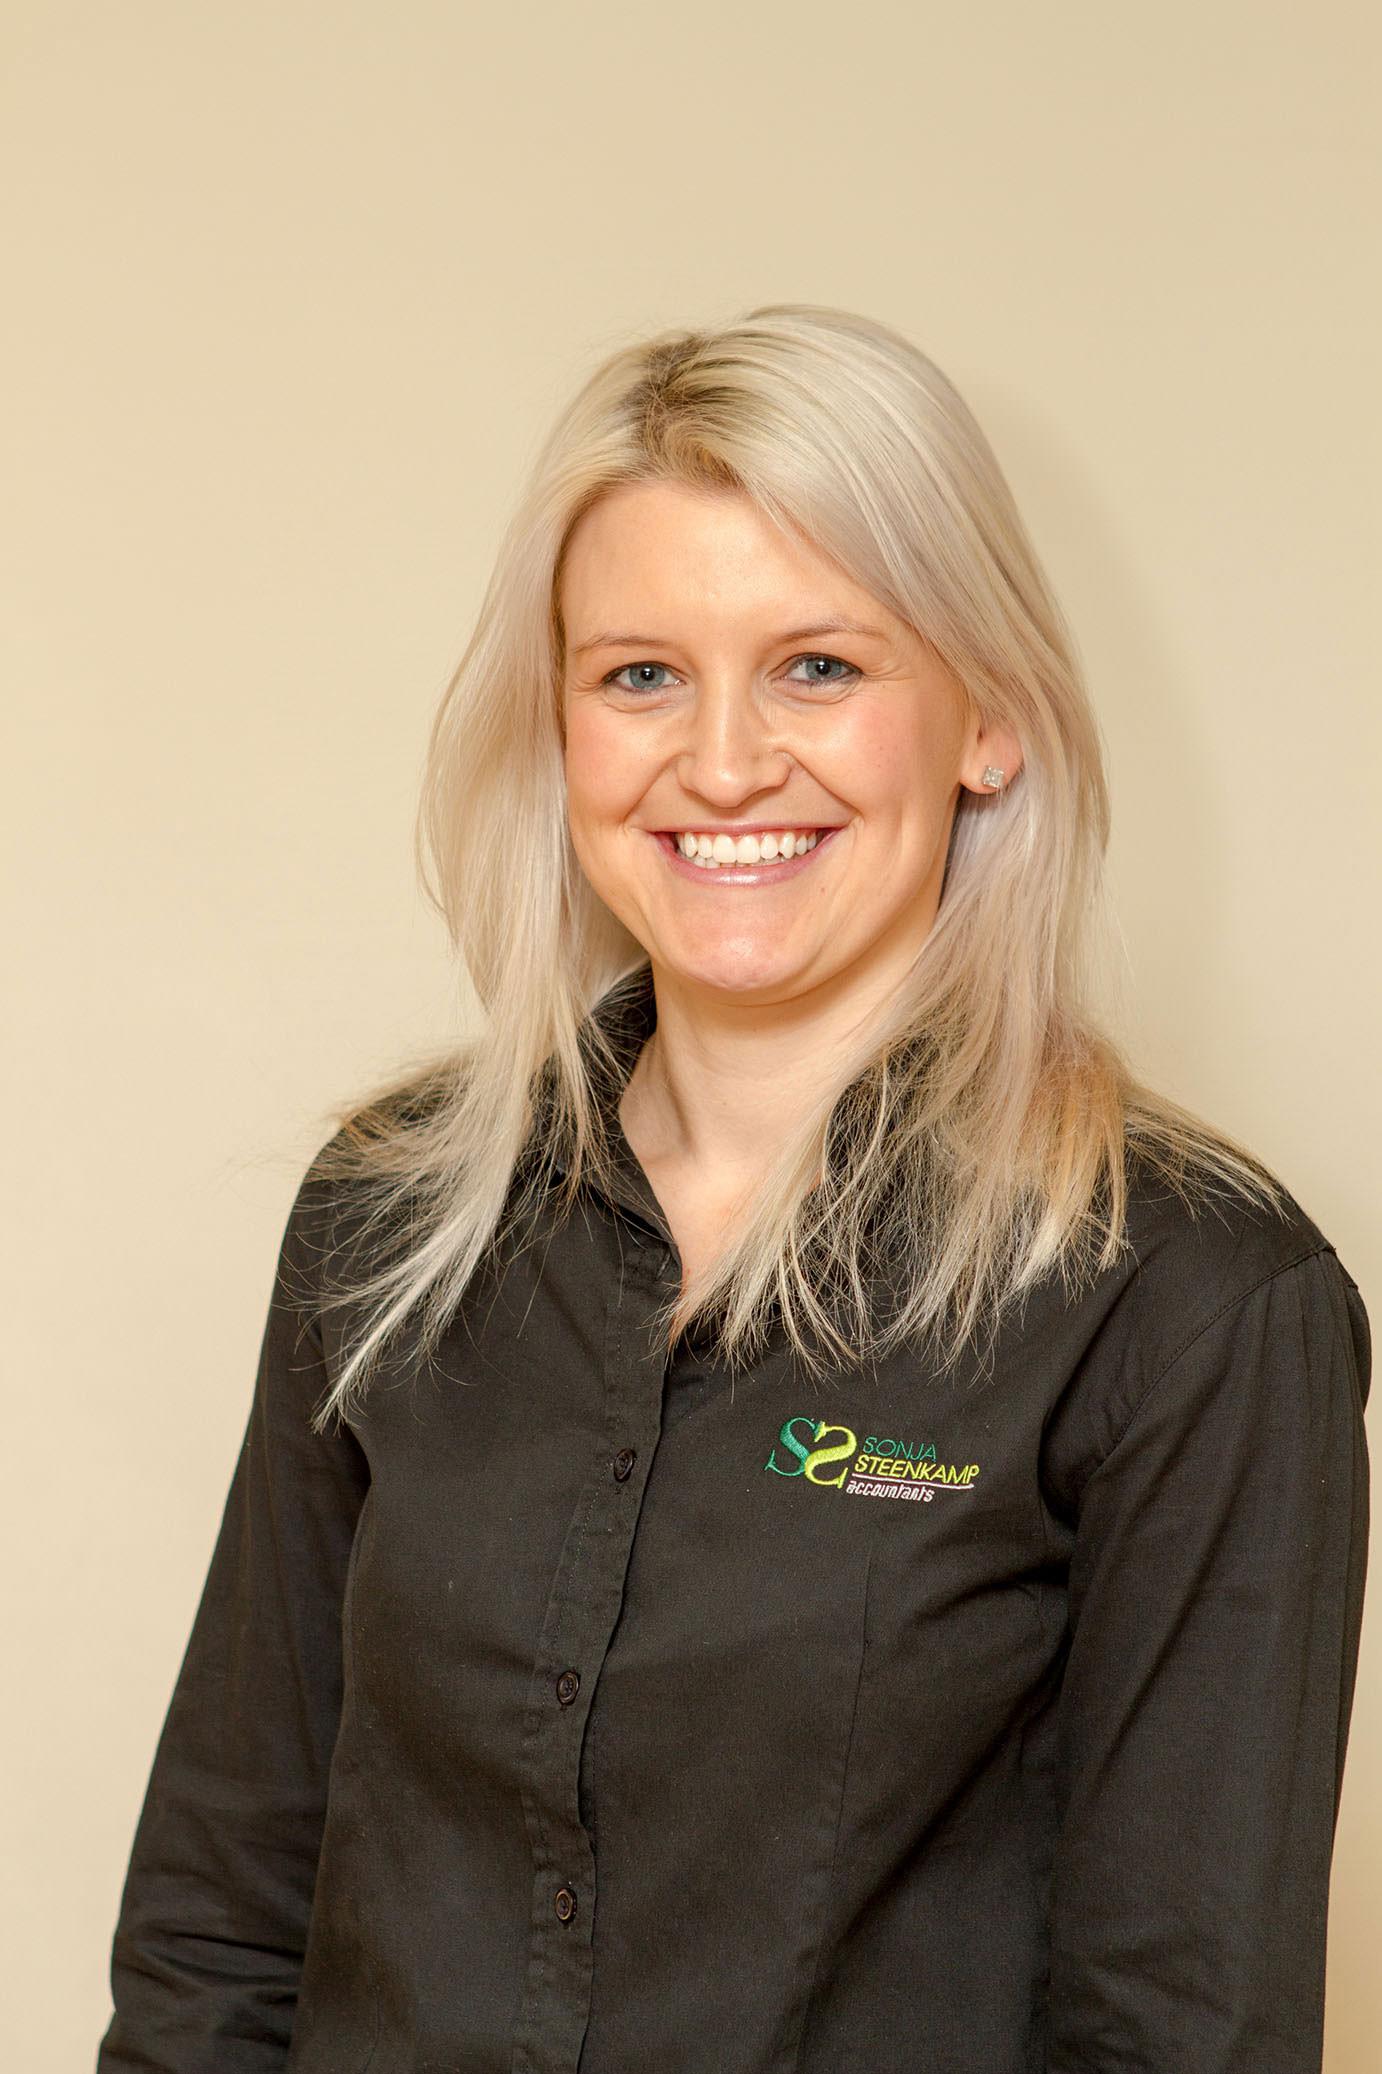 corporate headshots - Corporate Headshots Sonja Steenkamp 121 - Corporate Headshots – Sonja Steenkamp